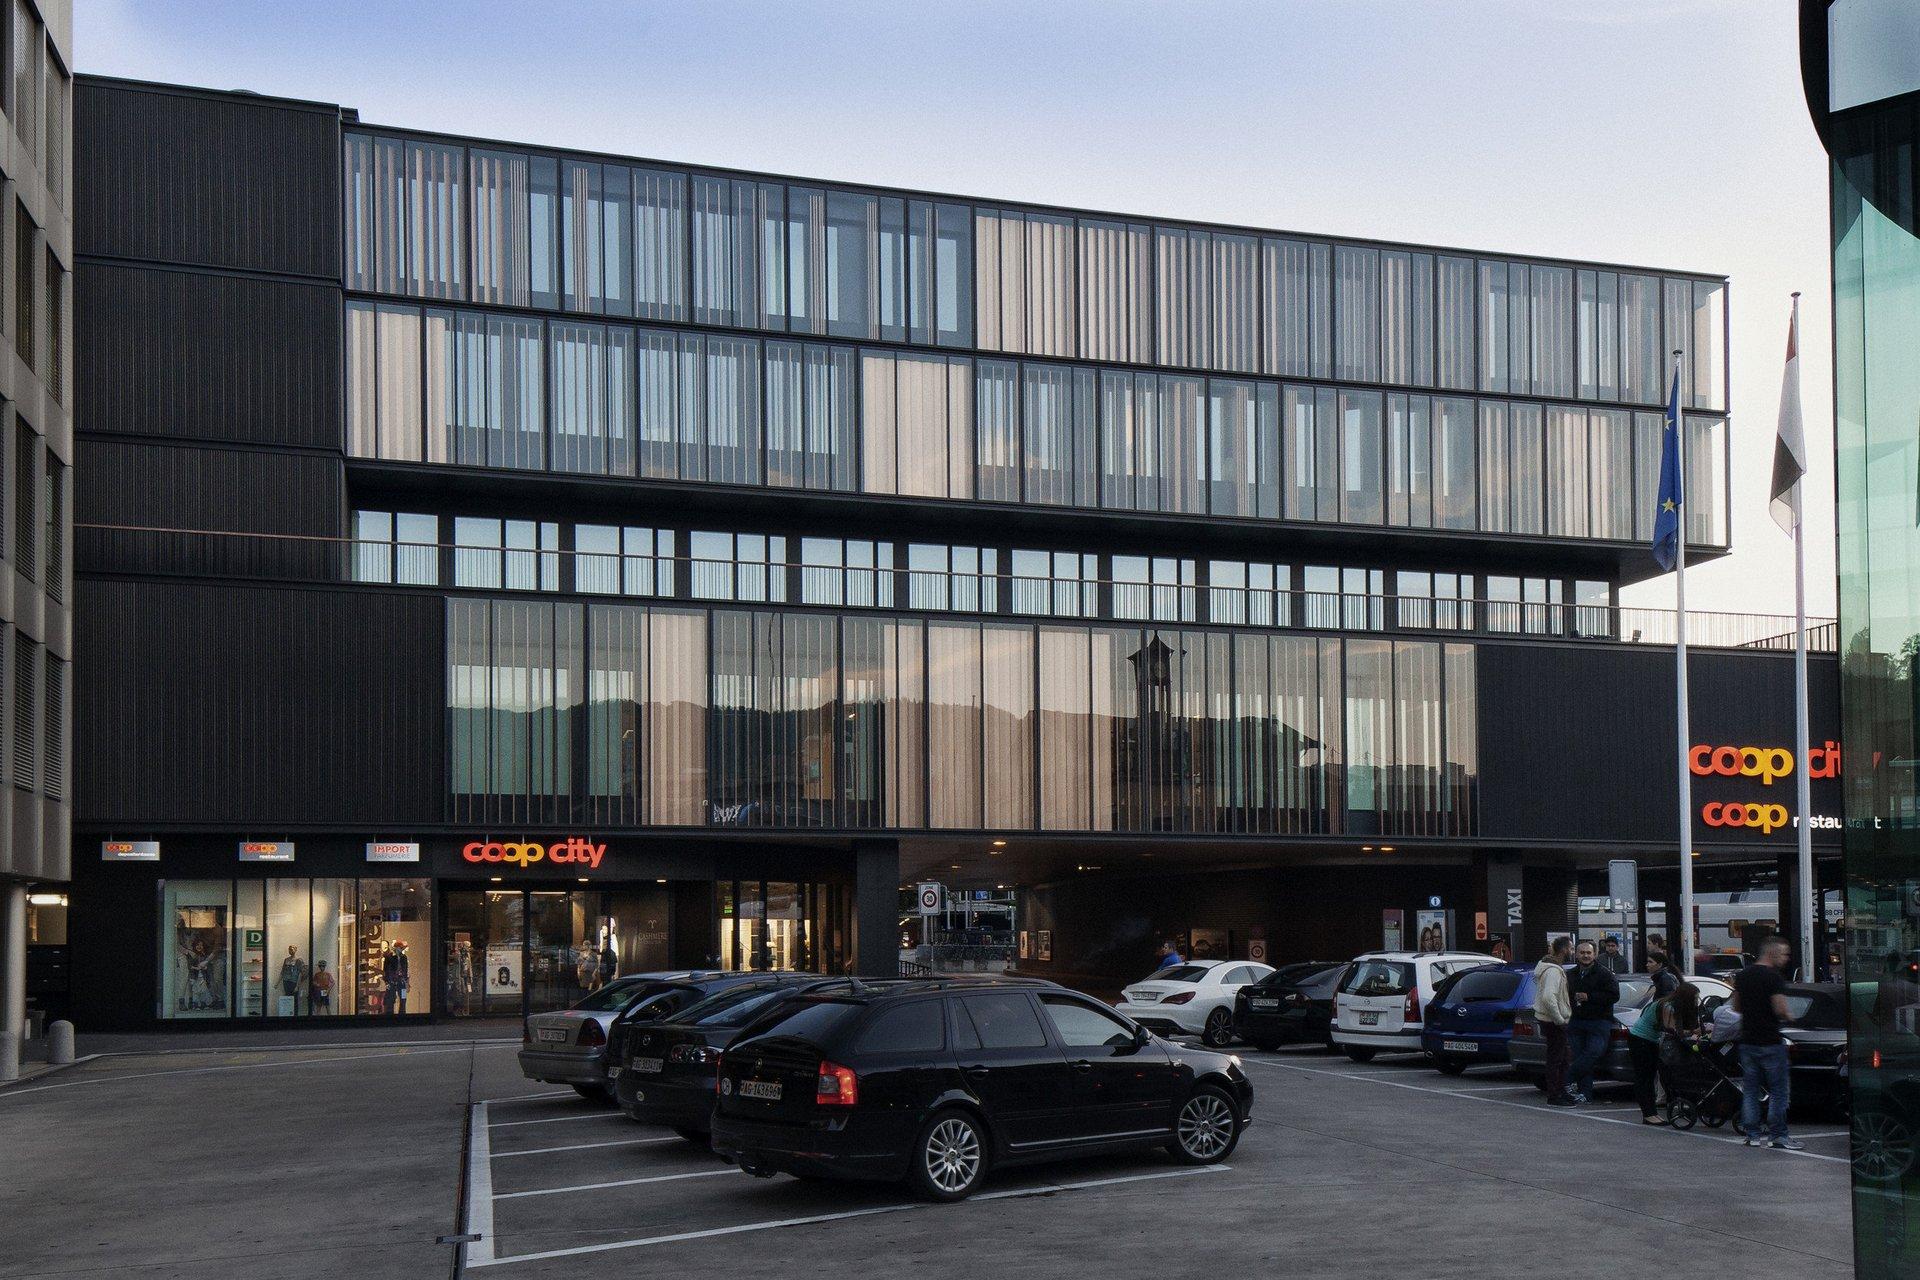 4-stöckiges Warenhaus mit Fensterfront aus Holz-Metallfenster